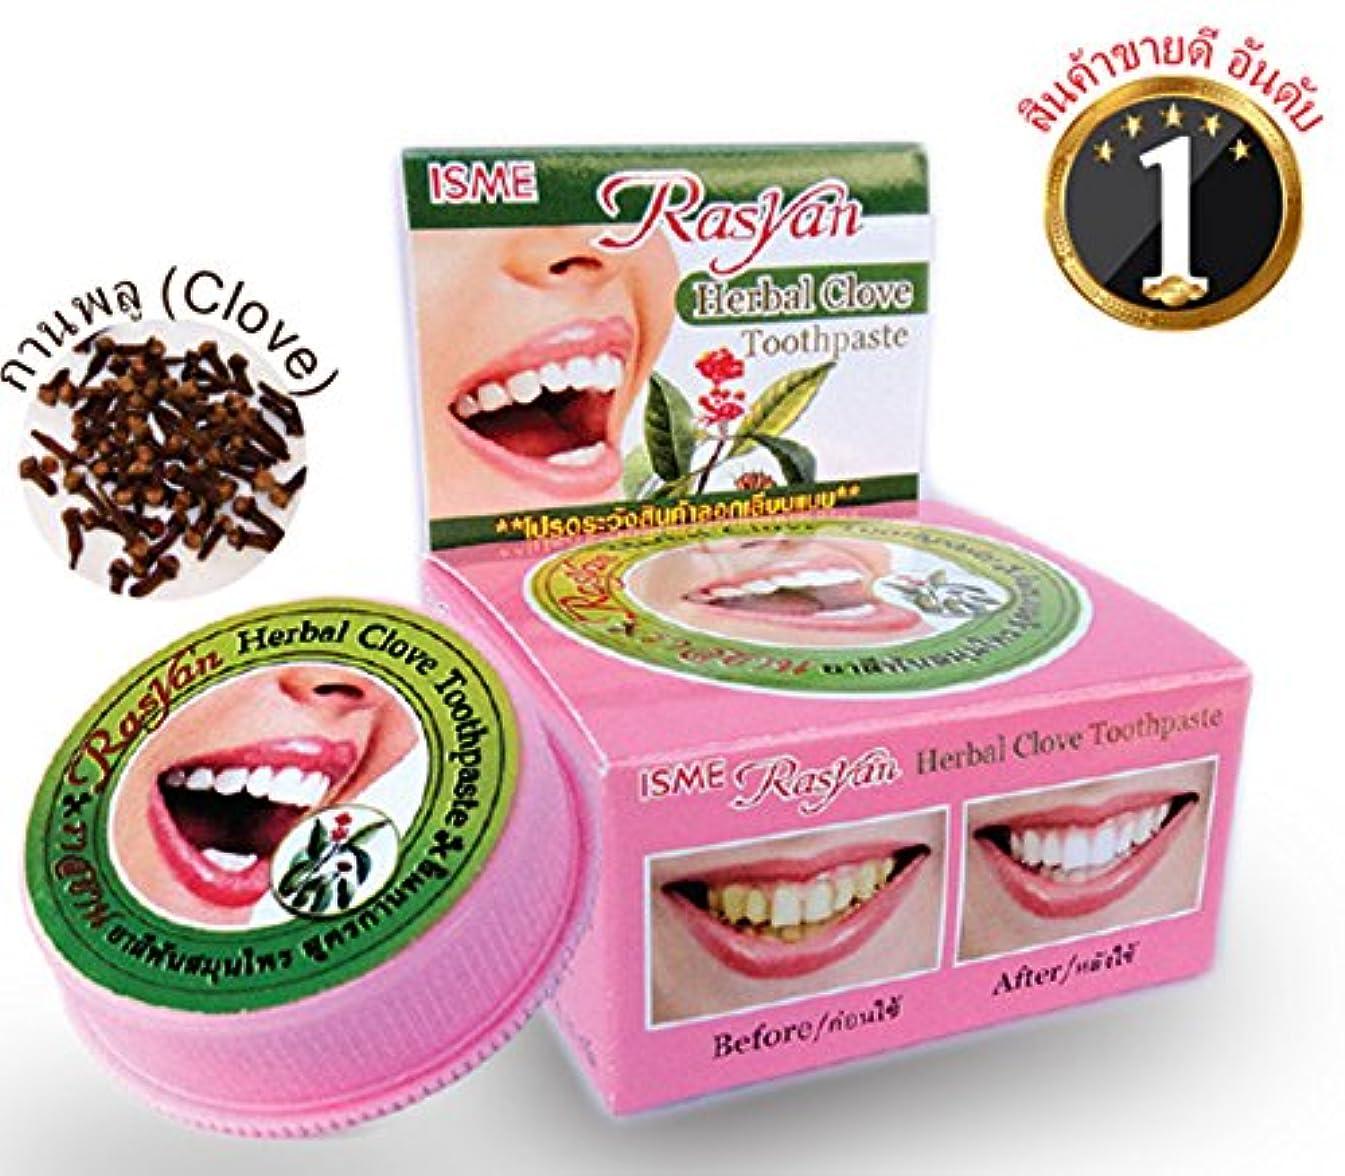 ファントム最後に雪練り歯磨き ハーブ Thai Herbal Rasyan Herbal Clove Toothpaste (5 Gram Size) 2 Pcs.